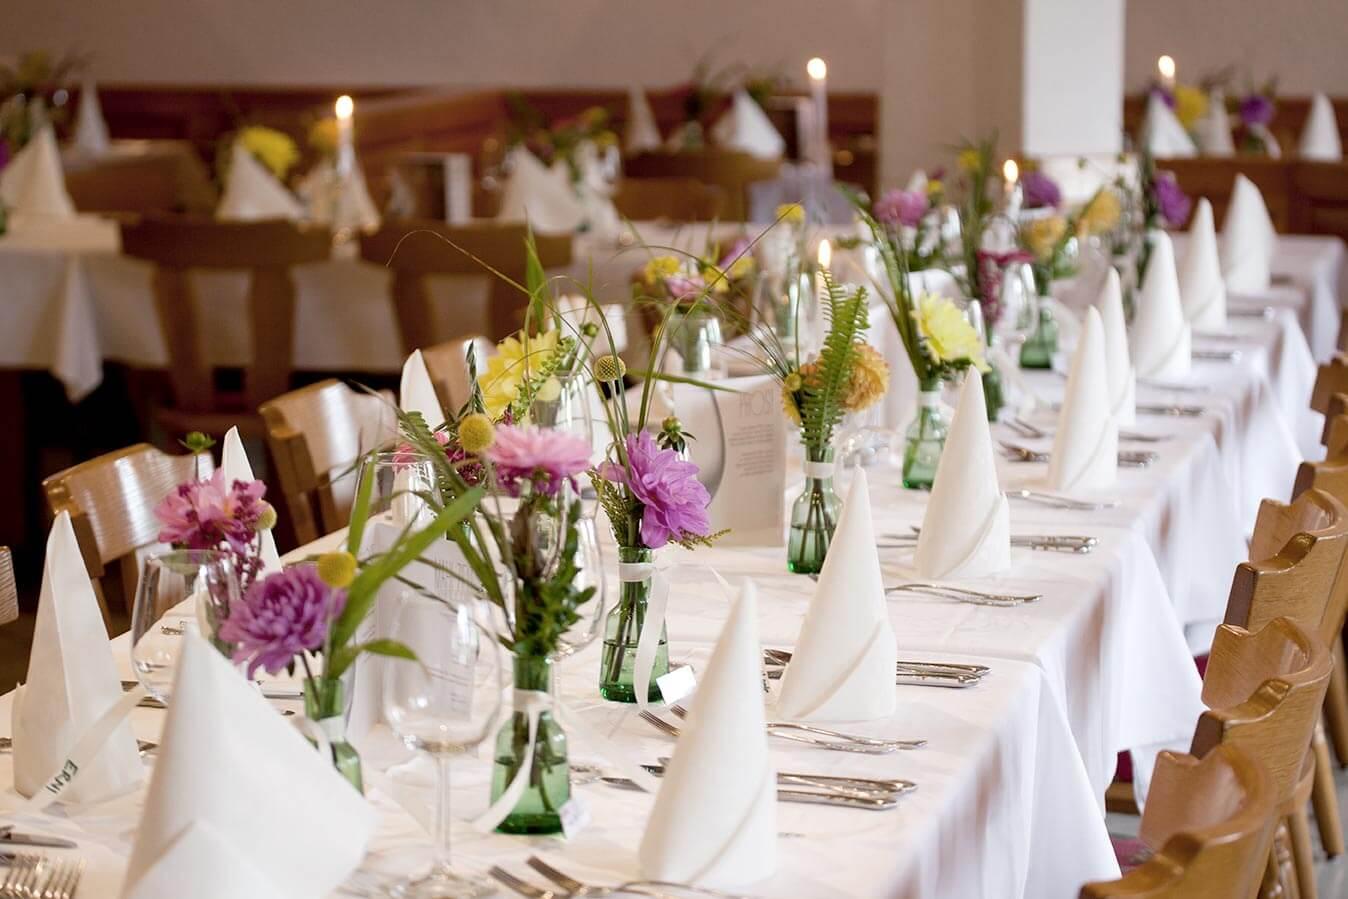 Räume für Festivitäten wie Hochzeit, Taufe, Kommunion, Familienfeier oder Vereinsfest.